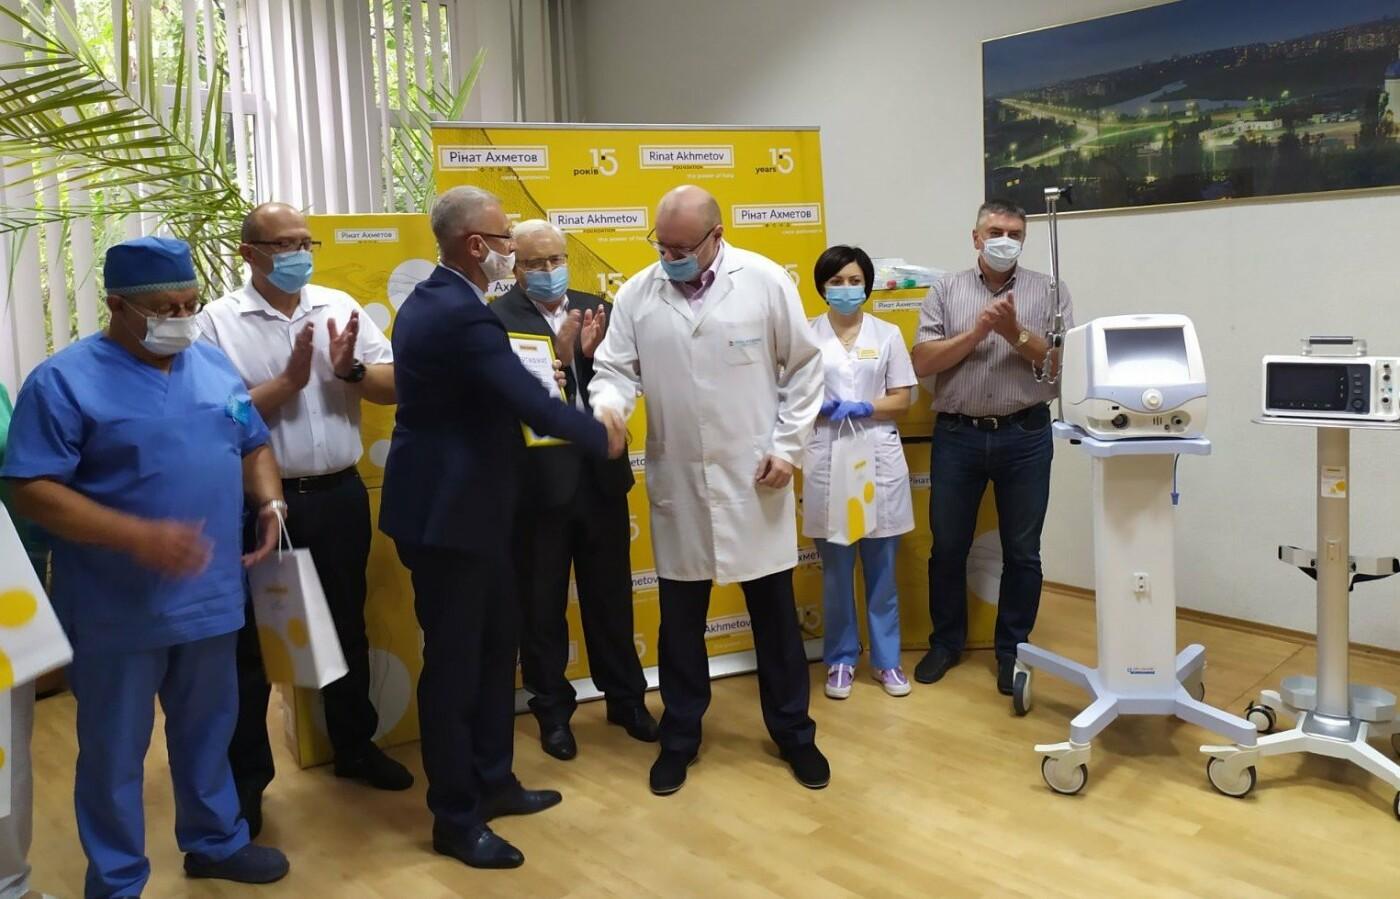 Юрій Вілкул: Ми мобілізували всі ресурси для захисту криворіжців та допомоги медикам у боротьбі з вірусом. Криворізькі лікарні продовжують..., фото-2